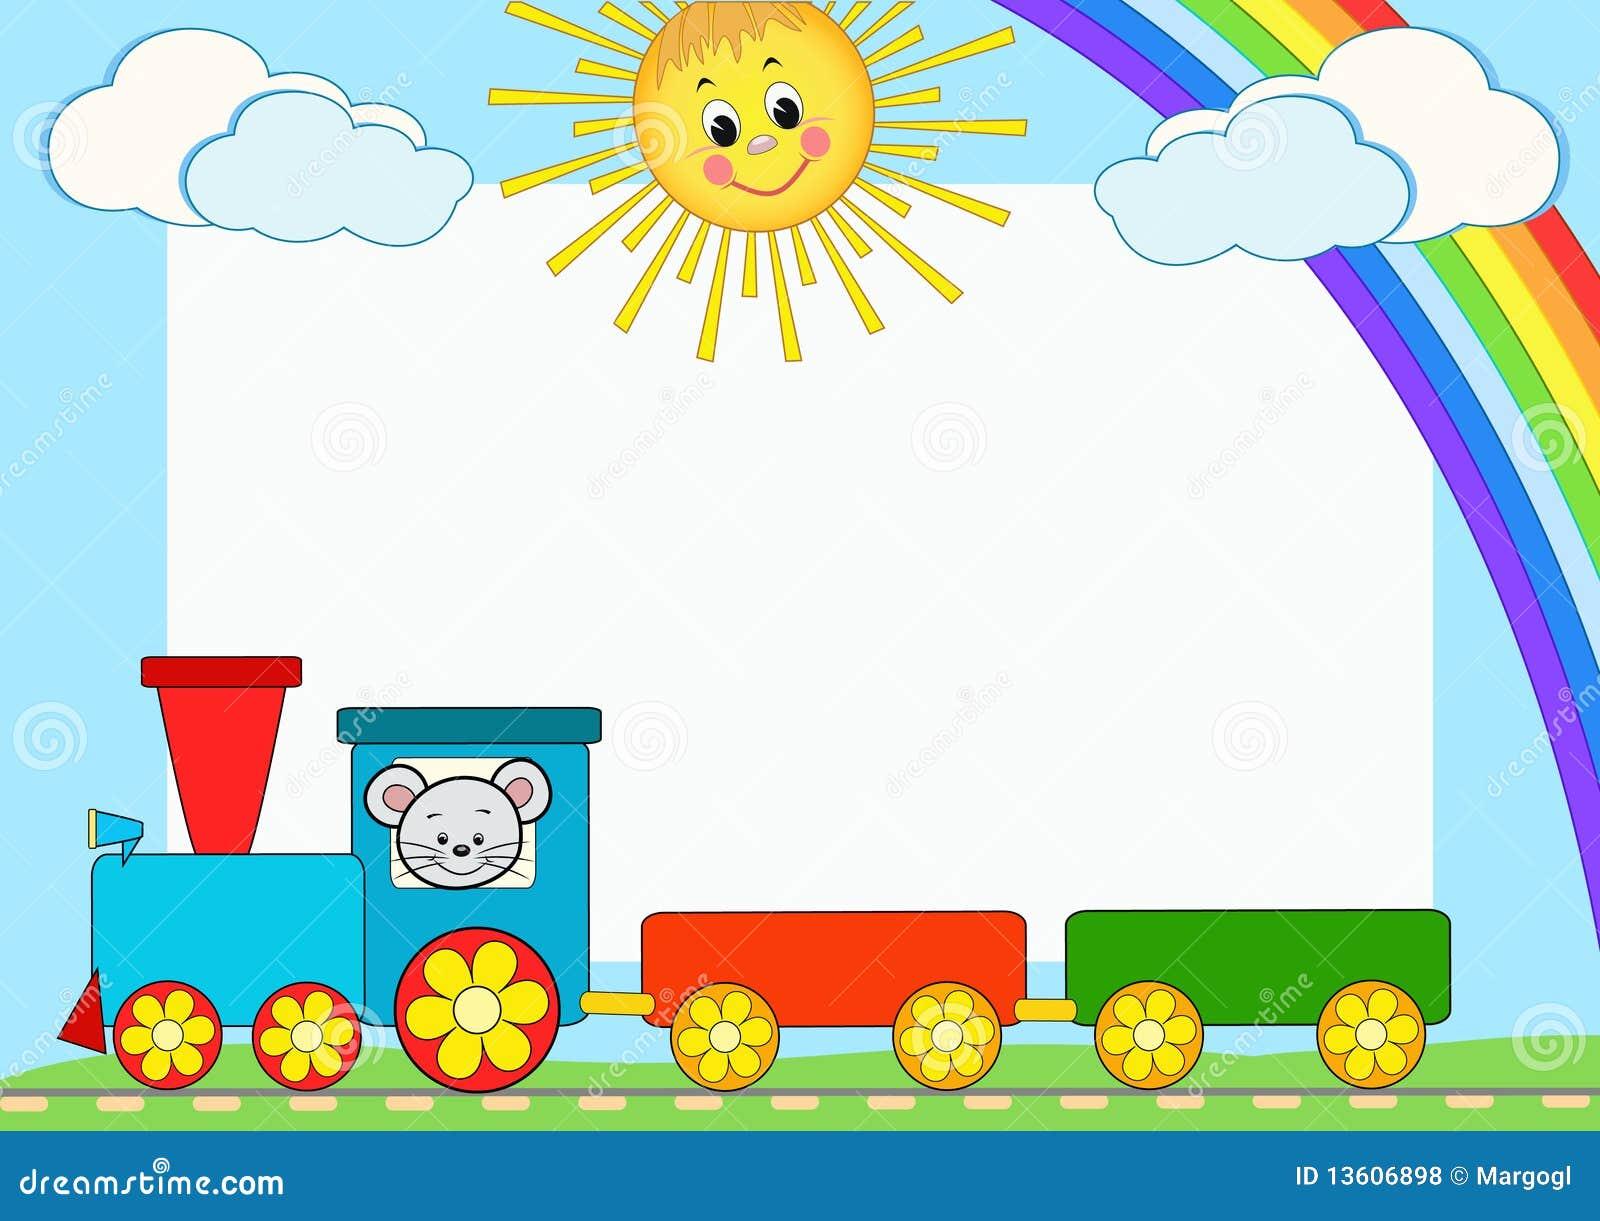 Increíble Marcos De Cuadros De Tren Patrón - Ideas Personalizadas de ...